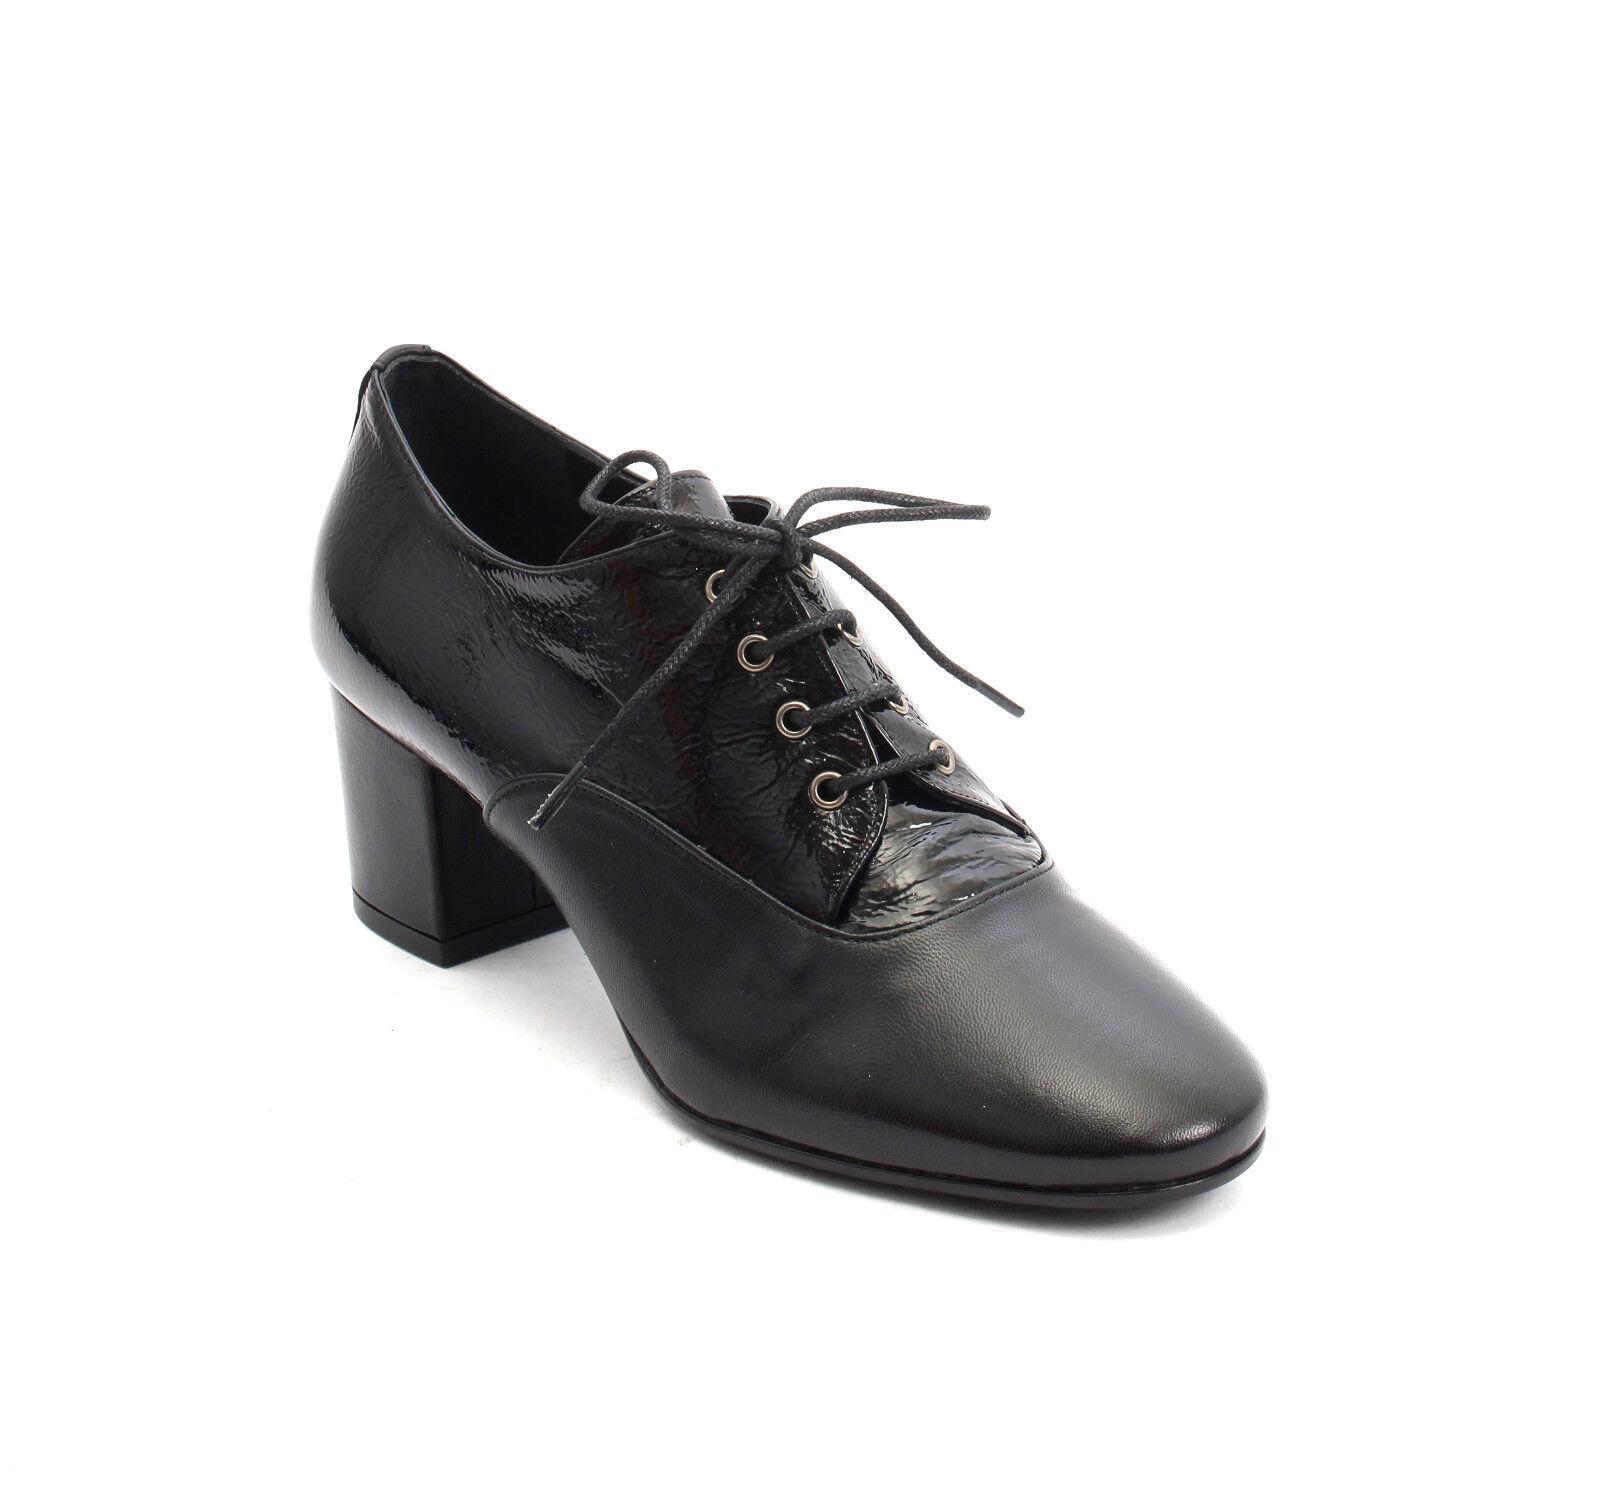 Isabelle 668 Negro Cuero Patente Punta Punta Punta rojoonda Encaje Botines Zapatos 41 US 11  en venta en línea